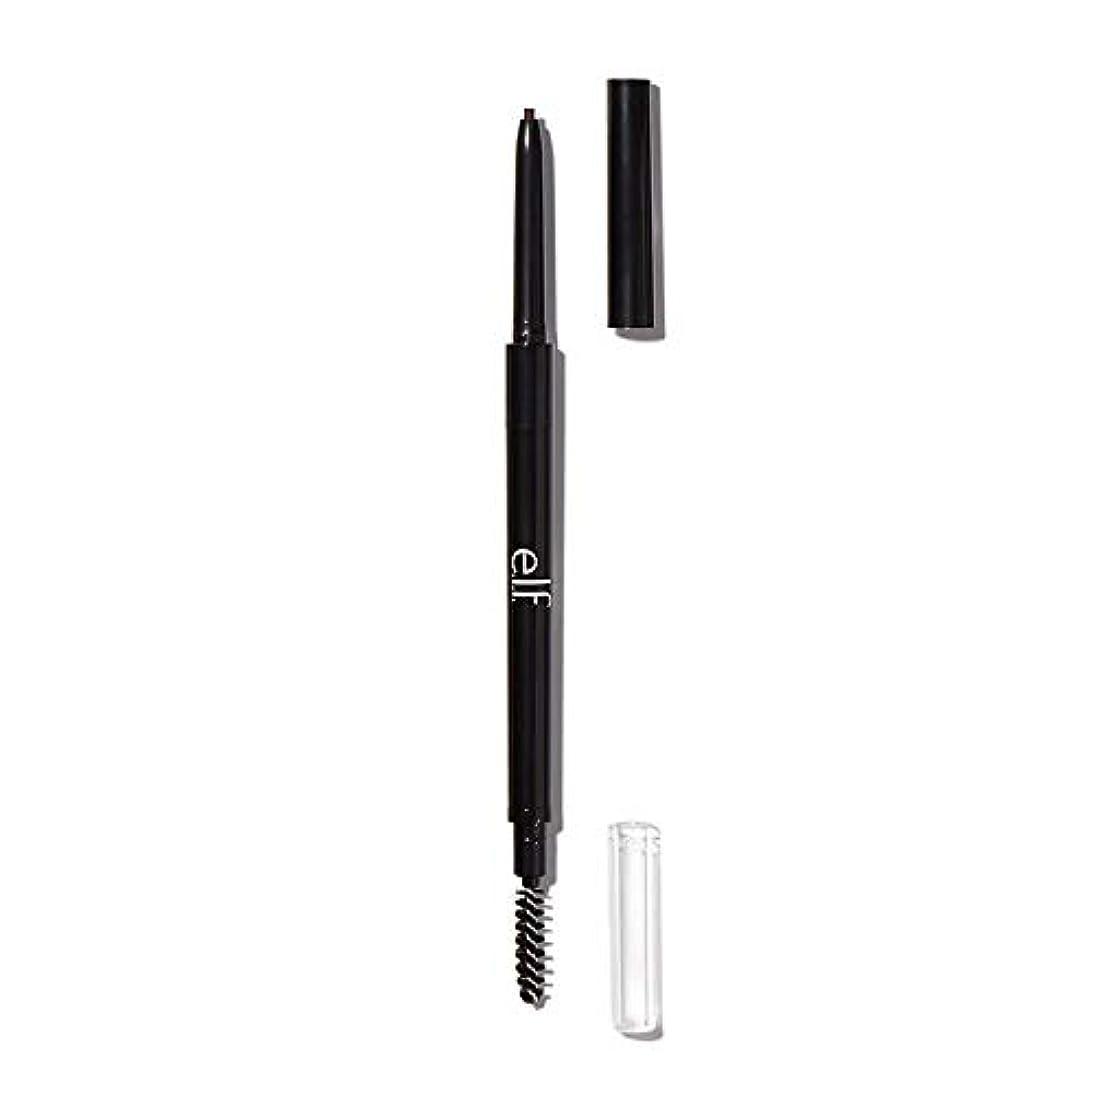 終了するゲーム覚醒(6 Pack) e.l.f. Ultra Precise Brow Pencil - Brunette (並行輸入品)